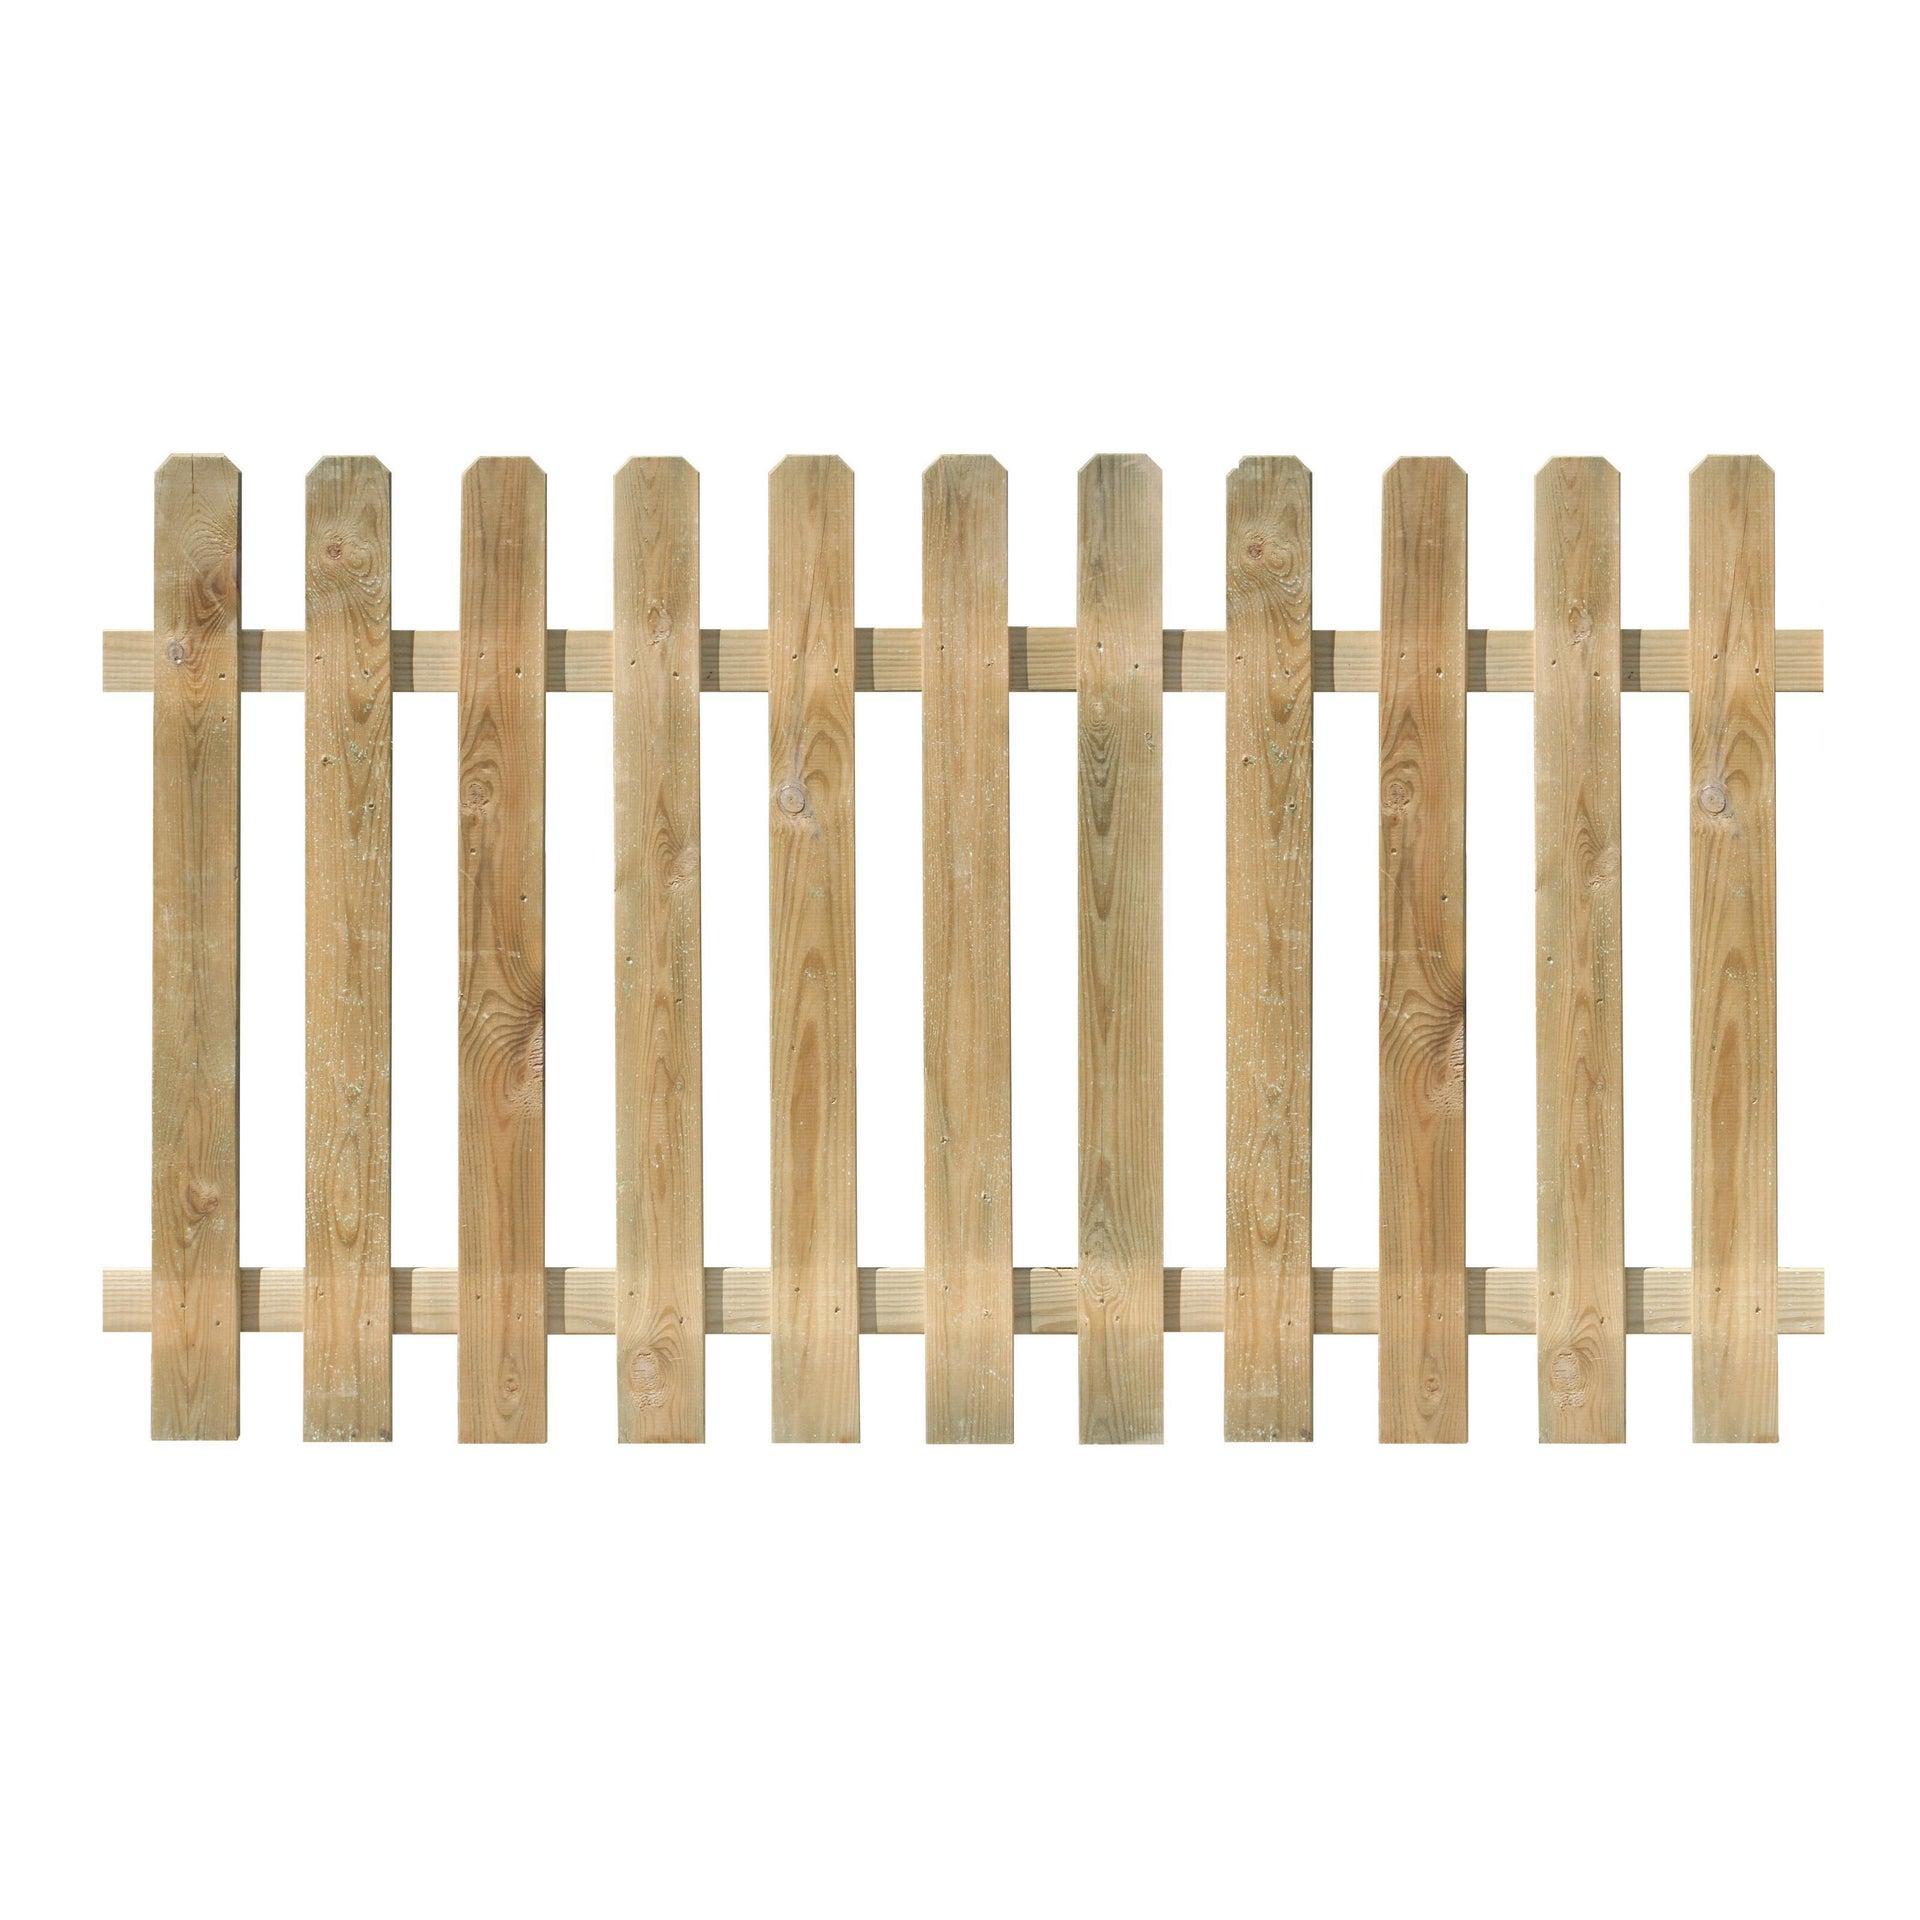 Recinzione FOREST STYLE RECINZIONE MUSTANG 100XX180 SP 15MM in legno L 180 x H 100 x P 1.5 cm